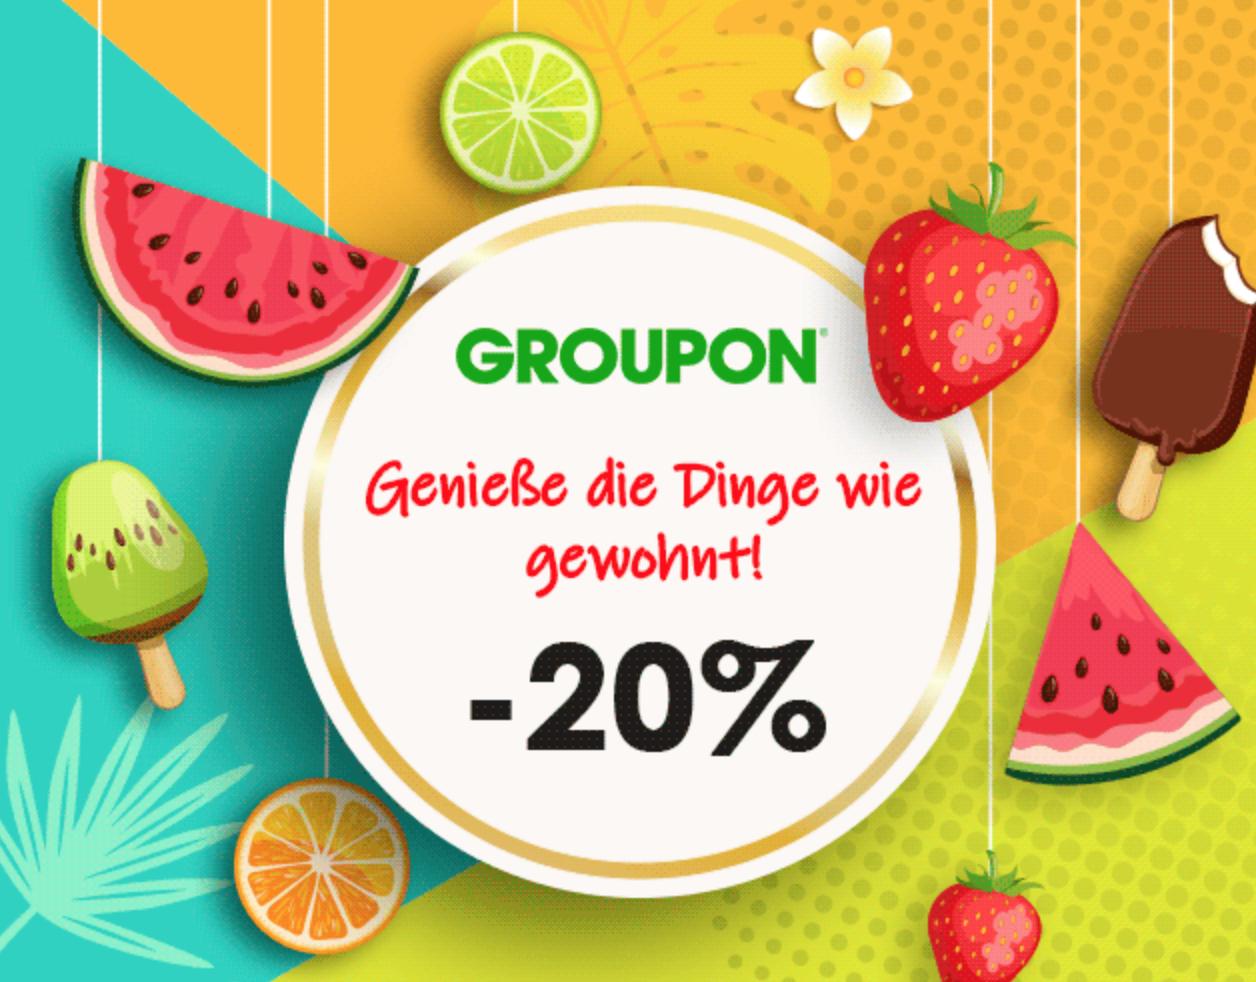 20% Gutschein für Groupon